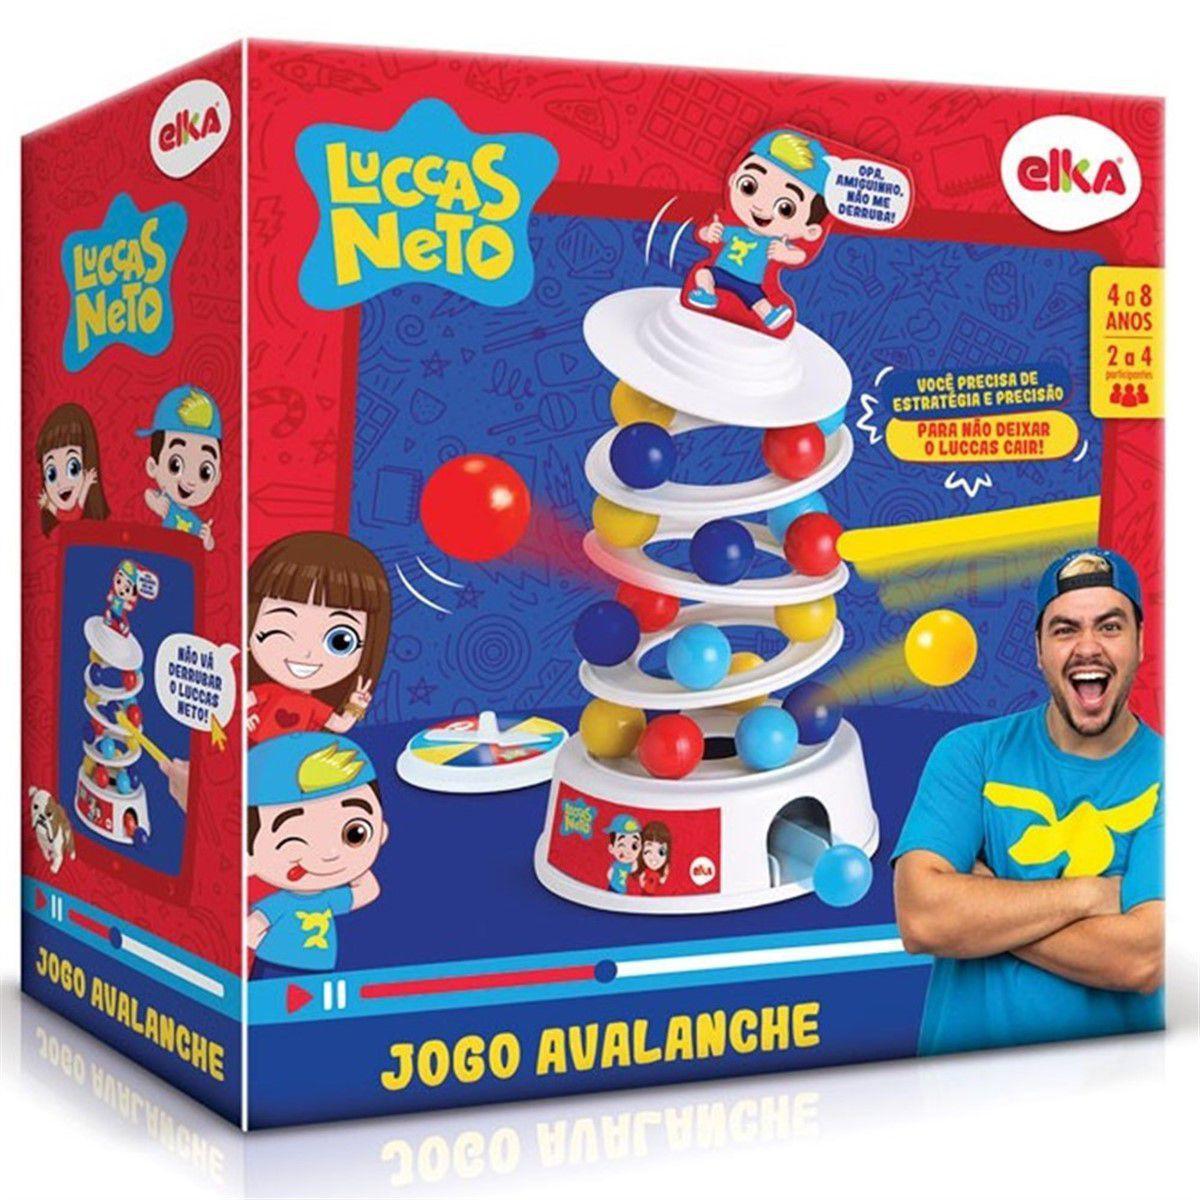 Jogo Avalanche Luccas Neto